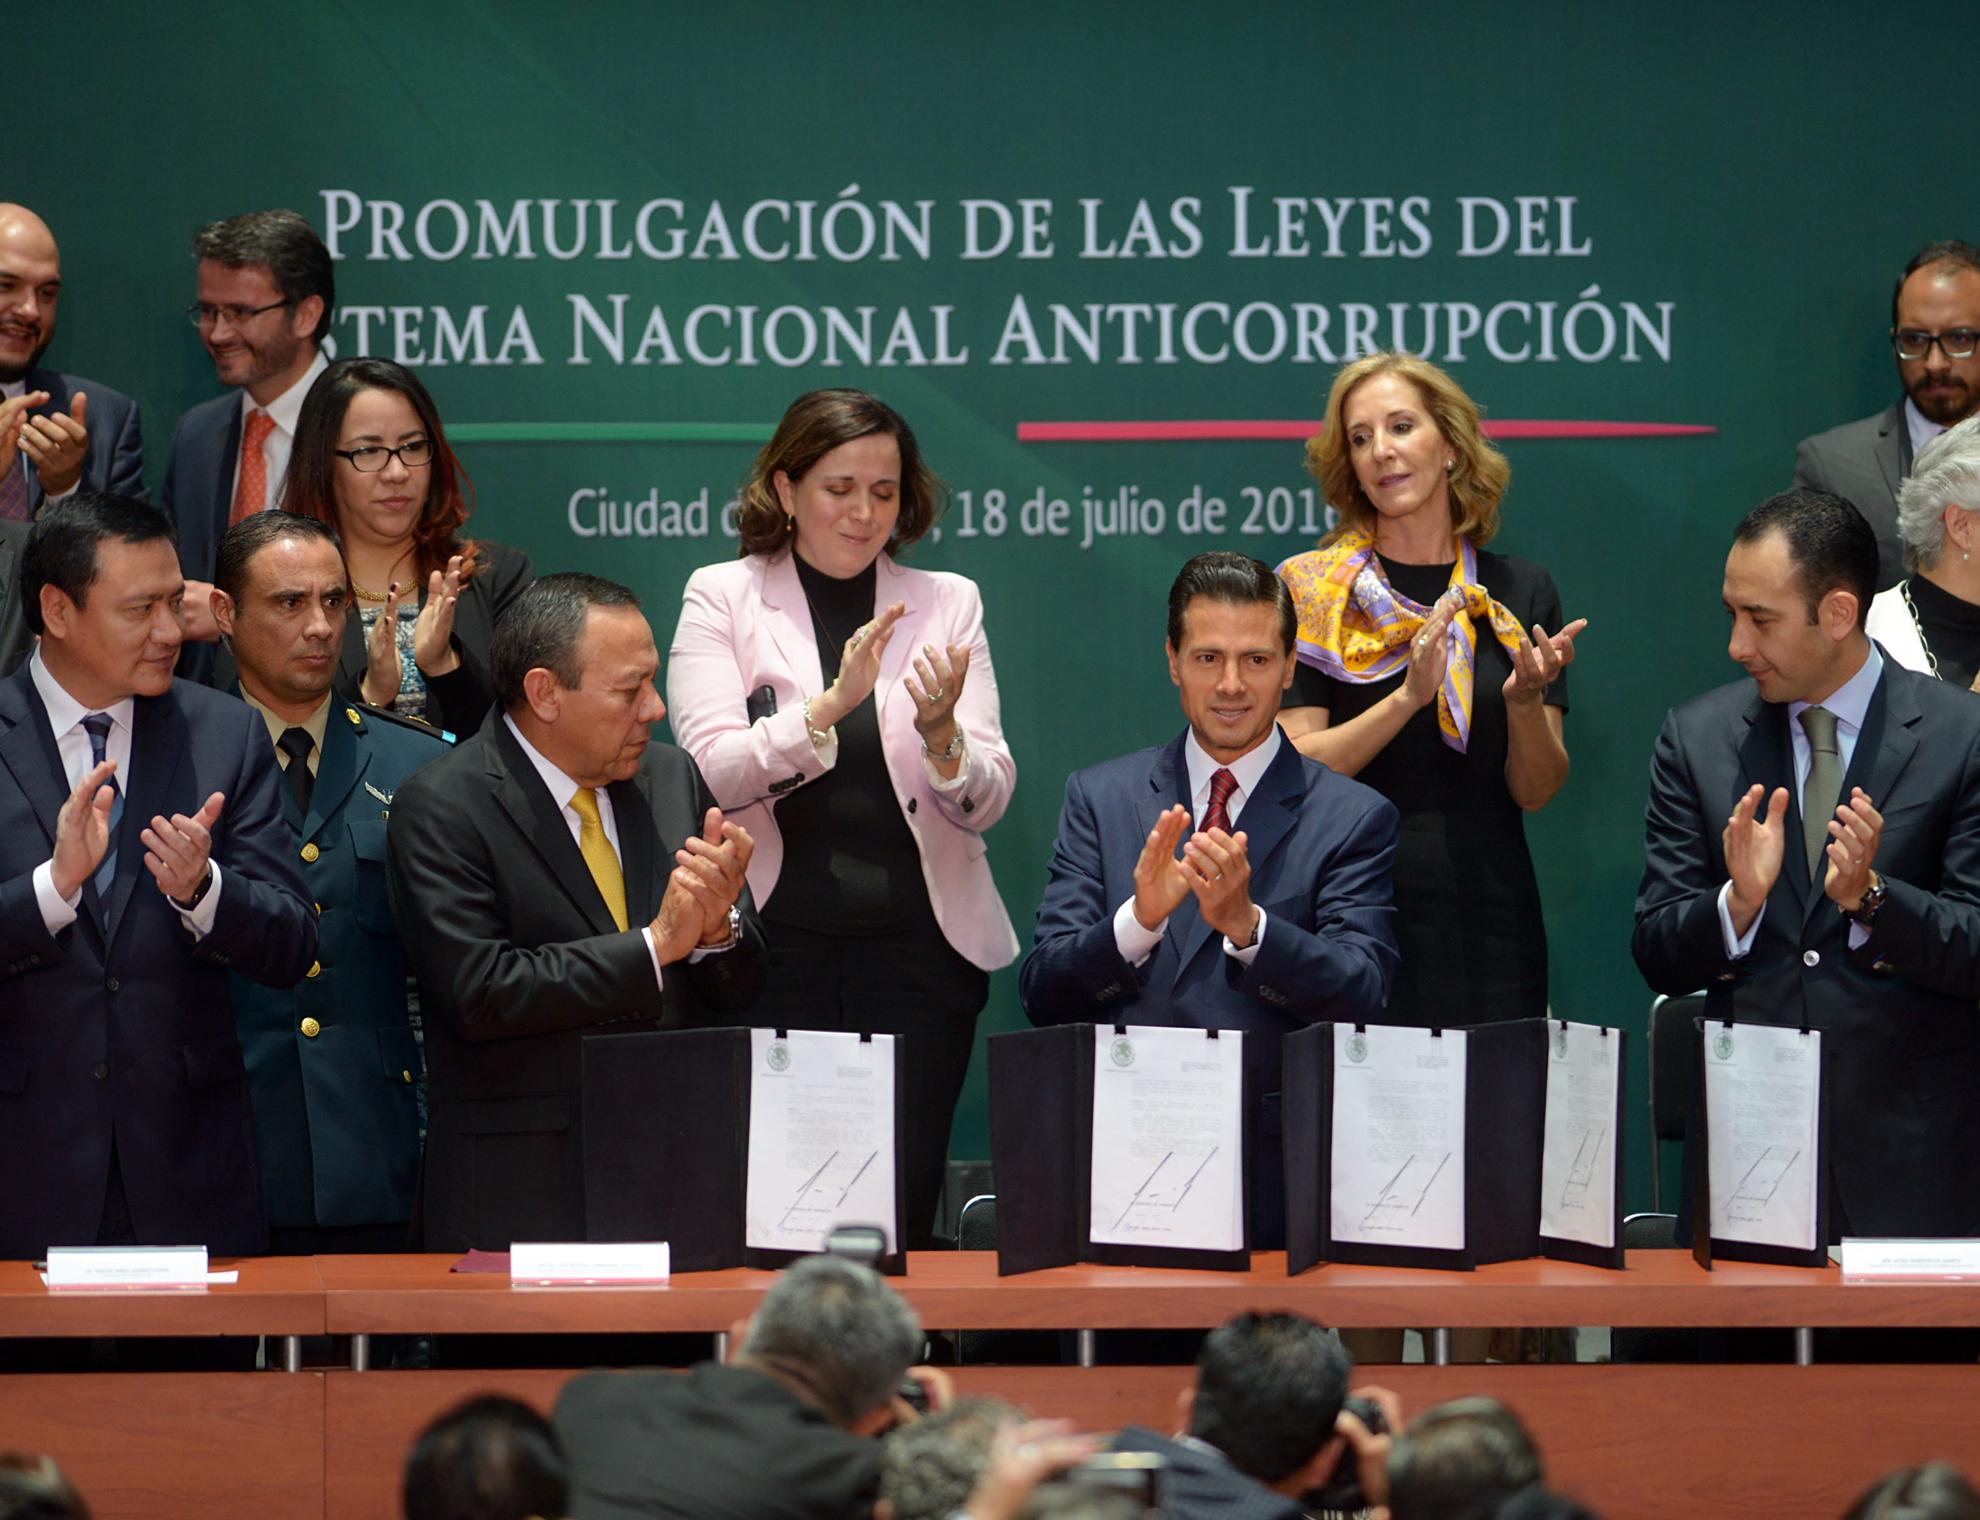 Promulgación de las Leyes del Sistema Nacional Anticorrupción.